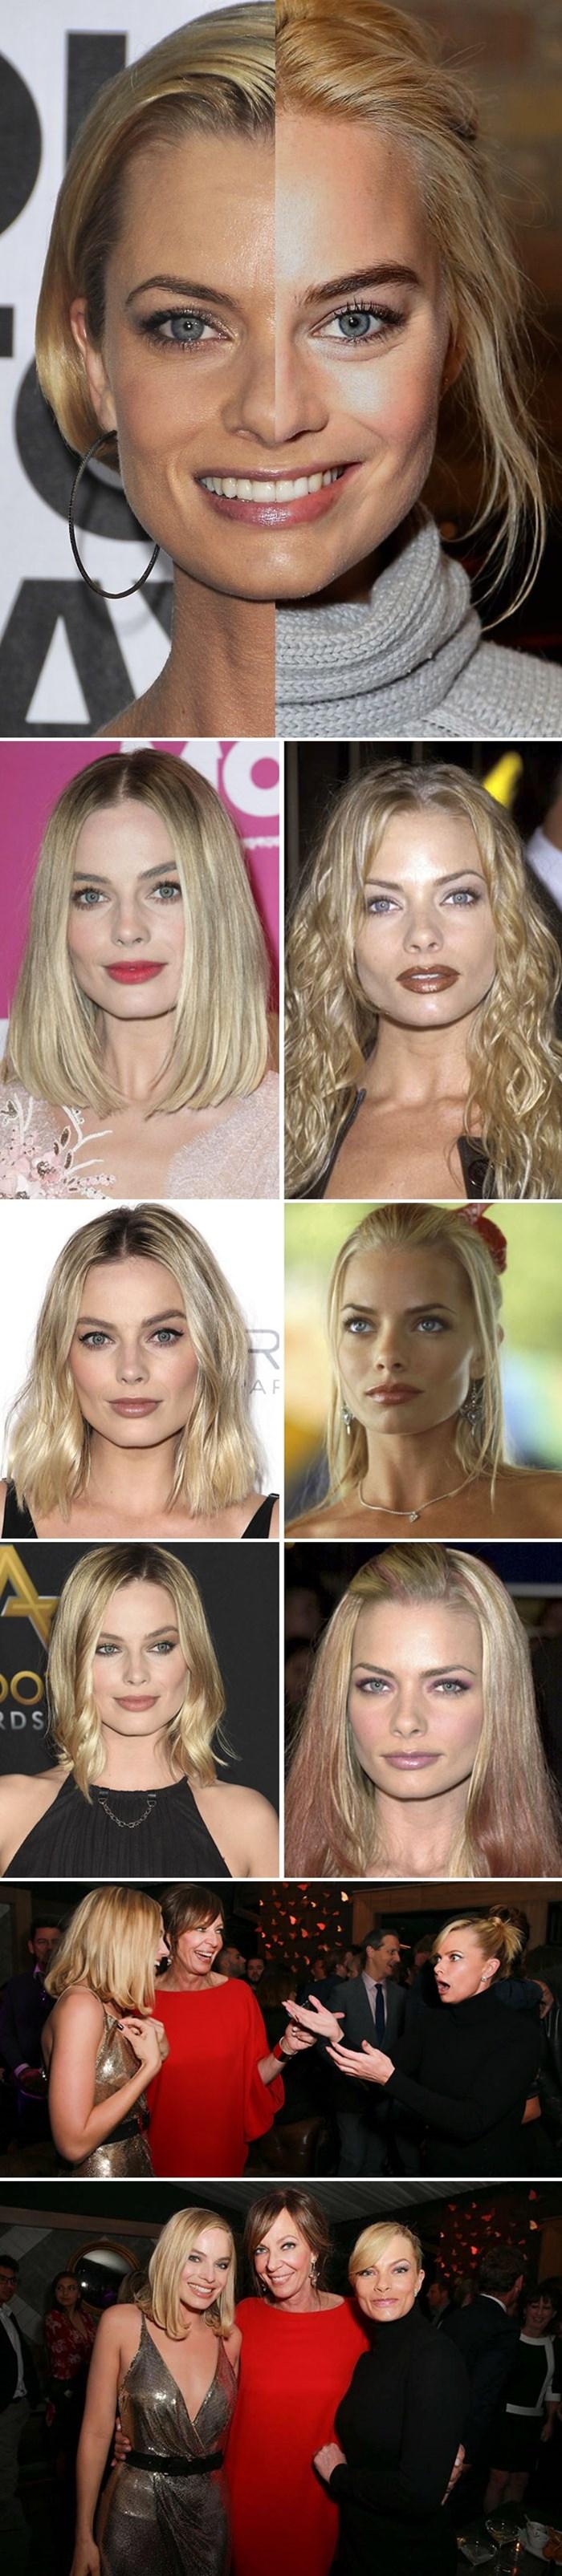 Ljudi su uvjereni da su ove dvije glumice ista osoba, njihove slike pokazuju njihove nevjerojatne sličnosti